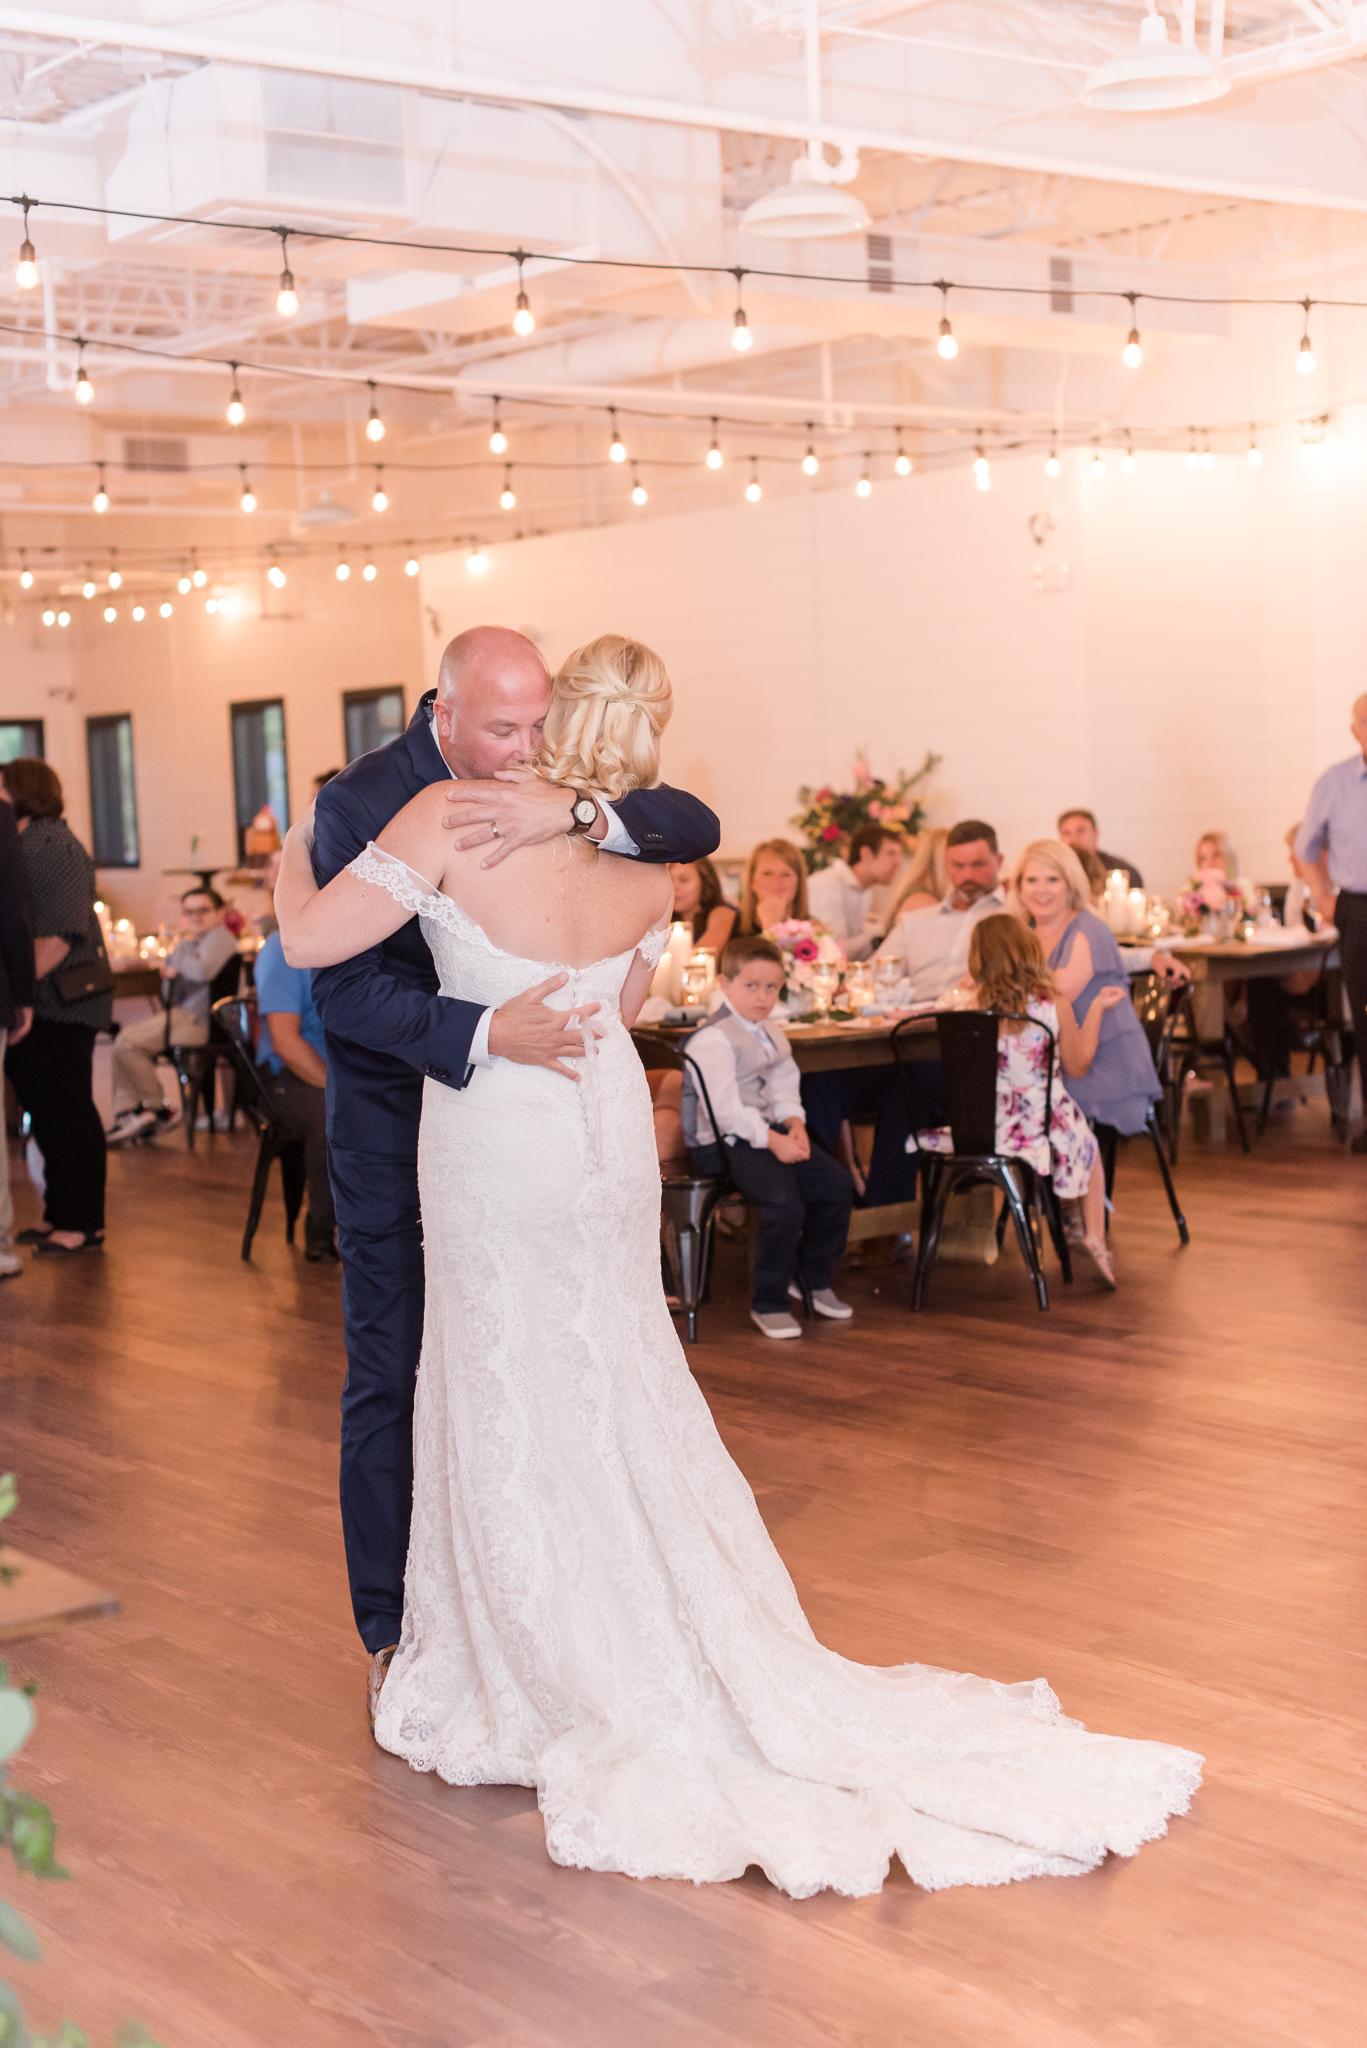 Wedding Reception at Bash in Carmel Indiana8190.jpg